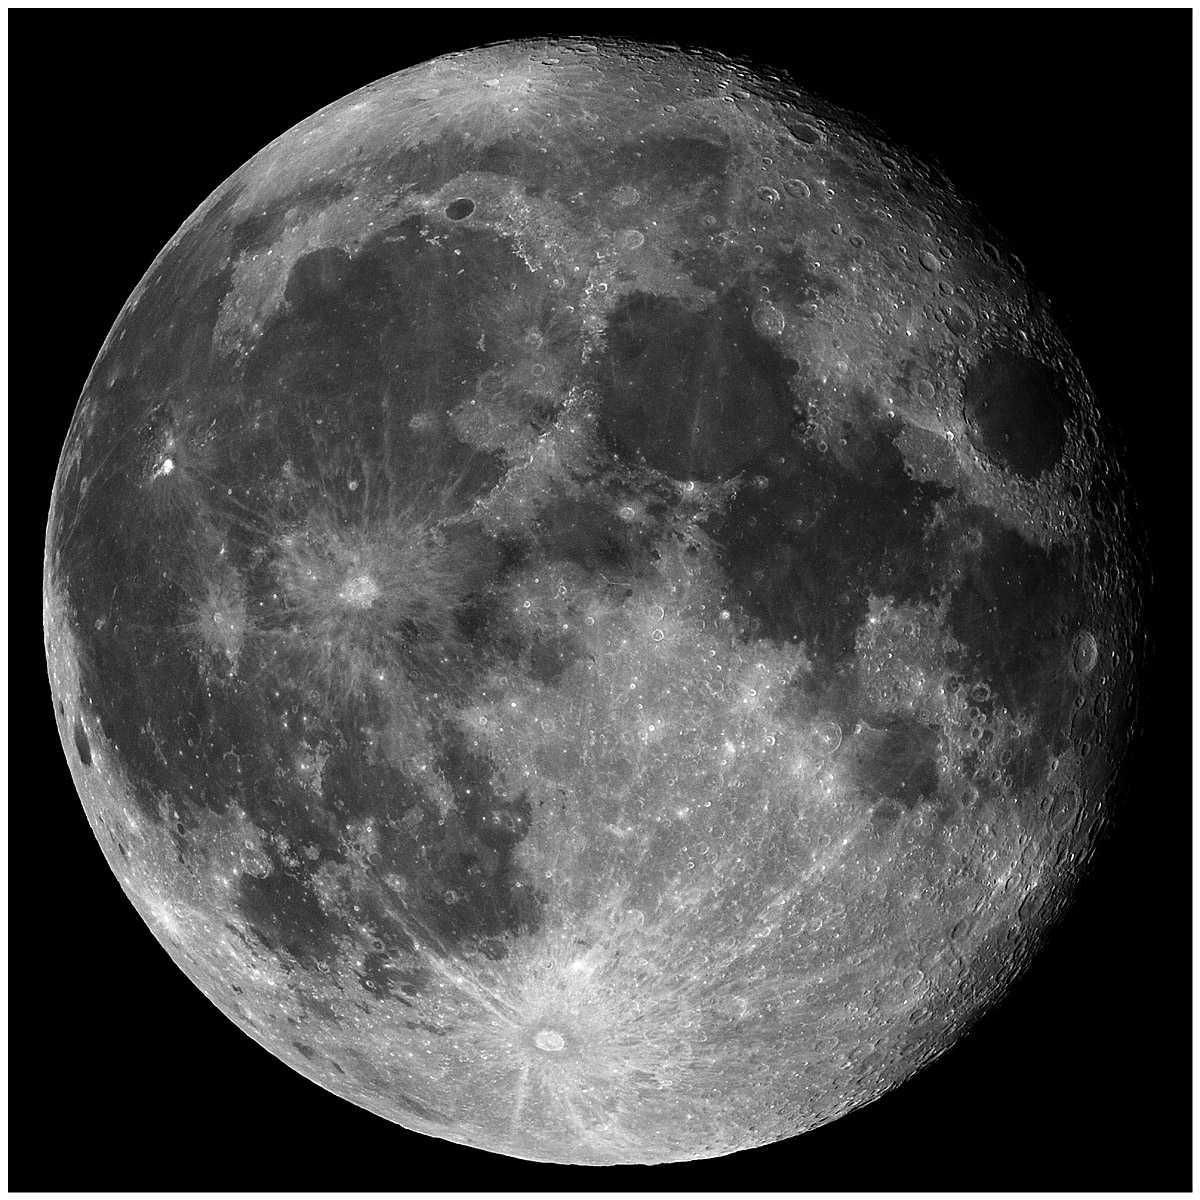 Mare Mond